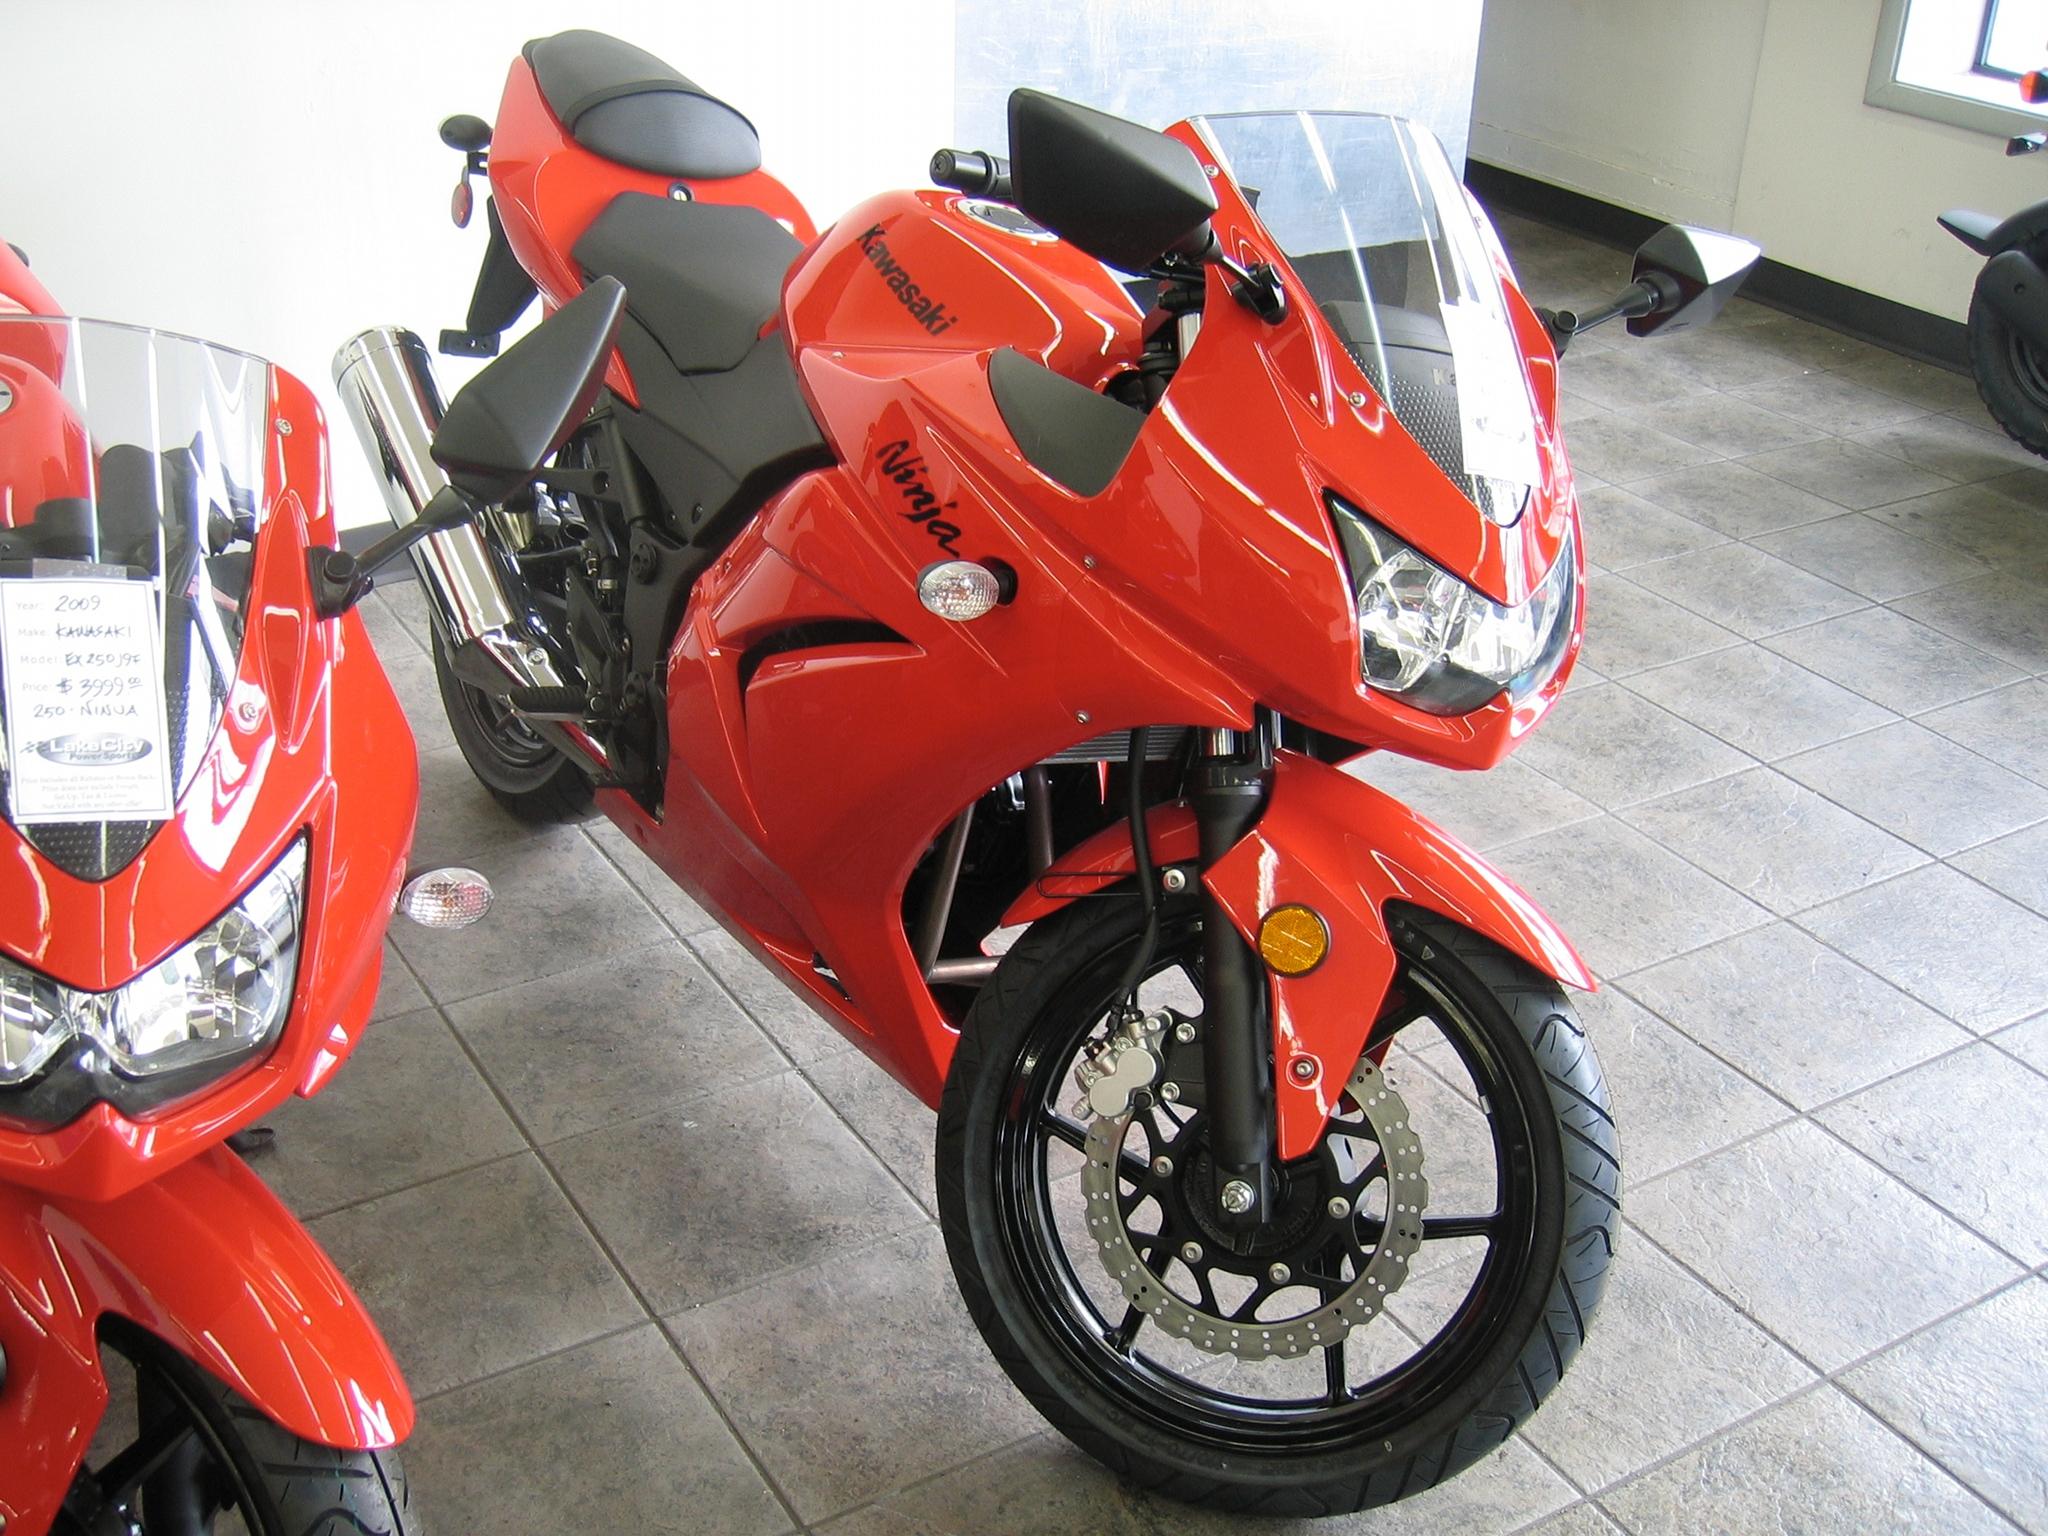 File:2009 Kawasaki Ninja 250R EX250-J 02.JPG - Wikimedia Commons